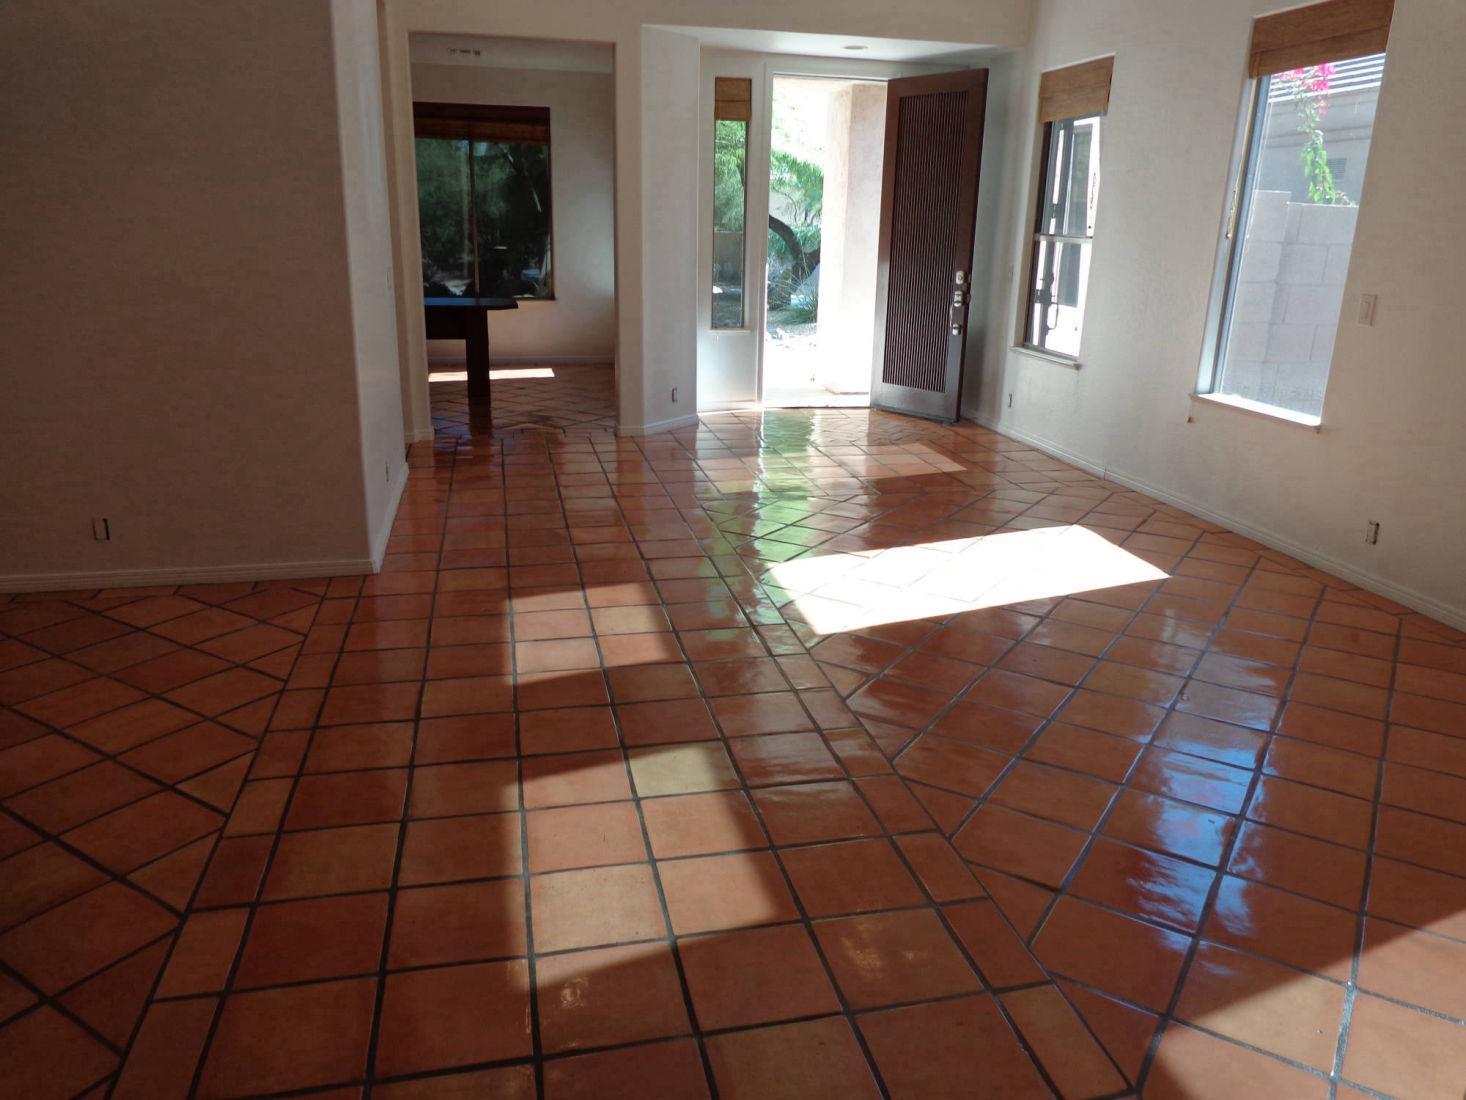 Saltillo Flooring Install